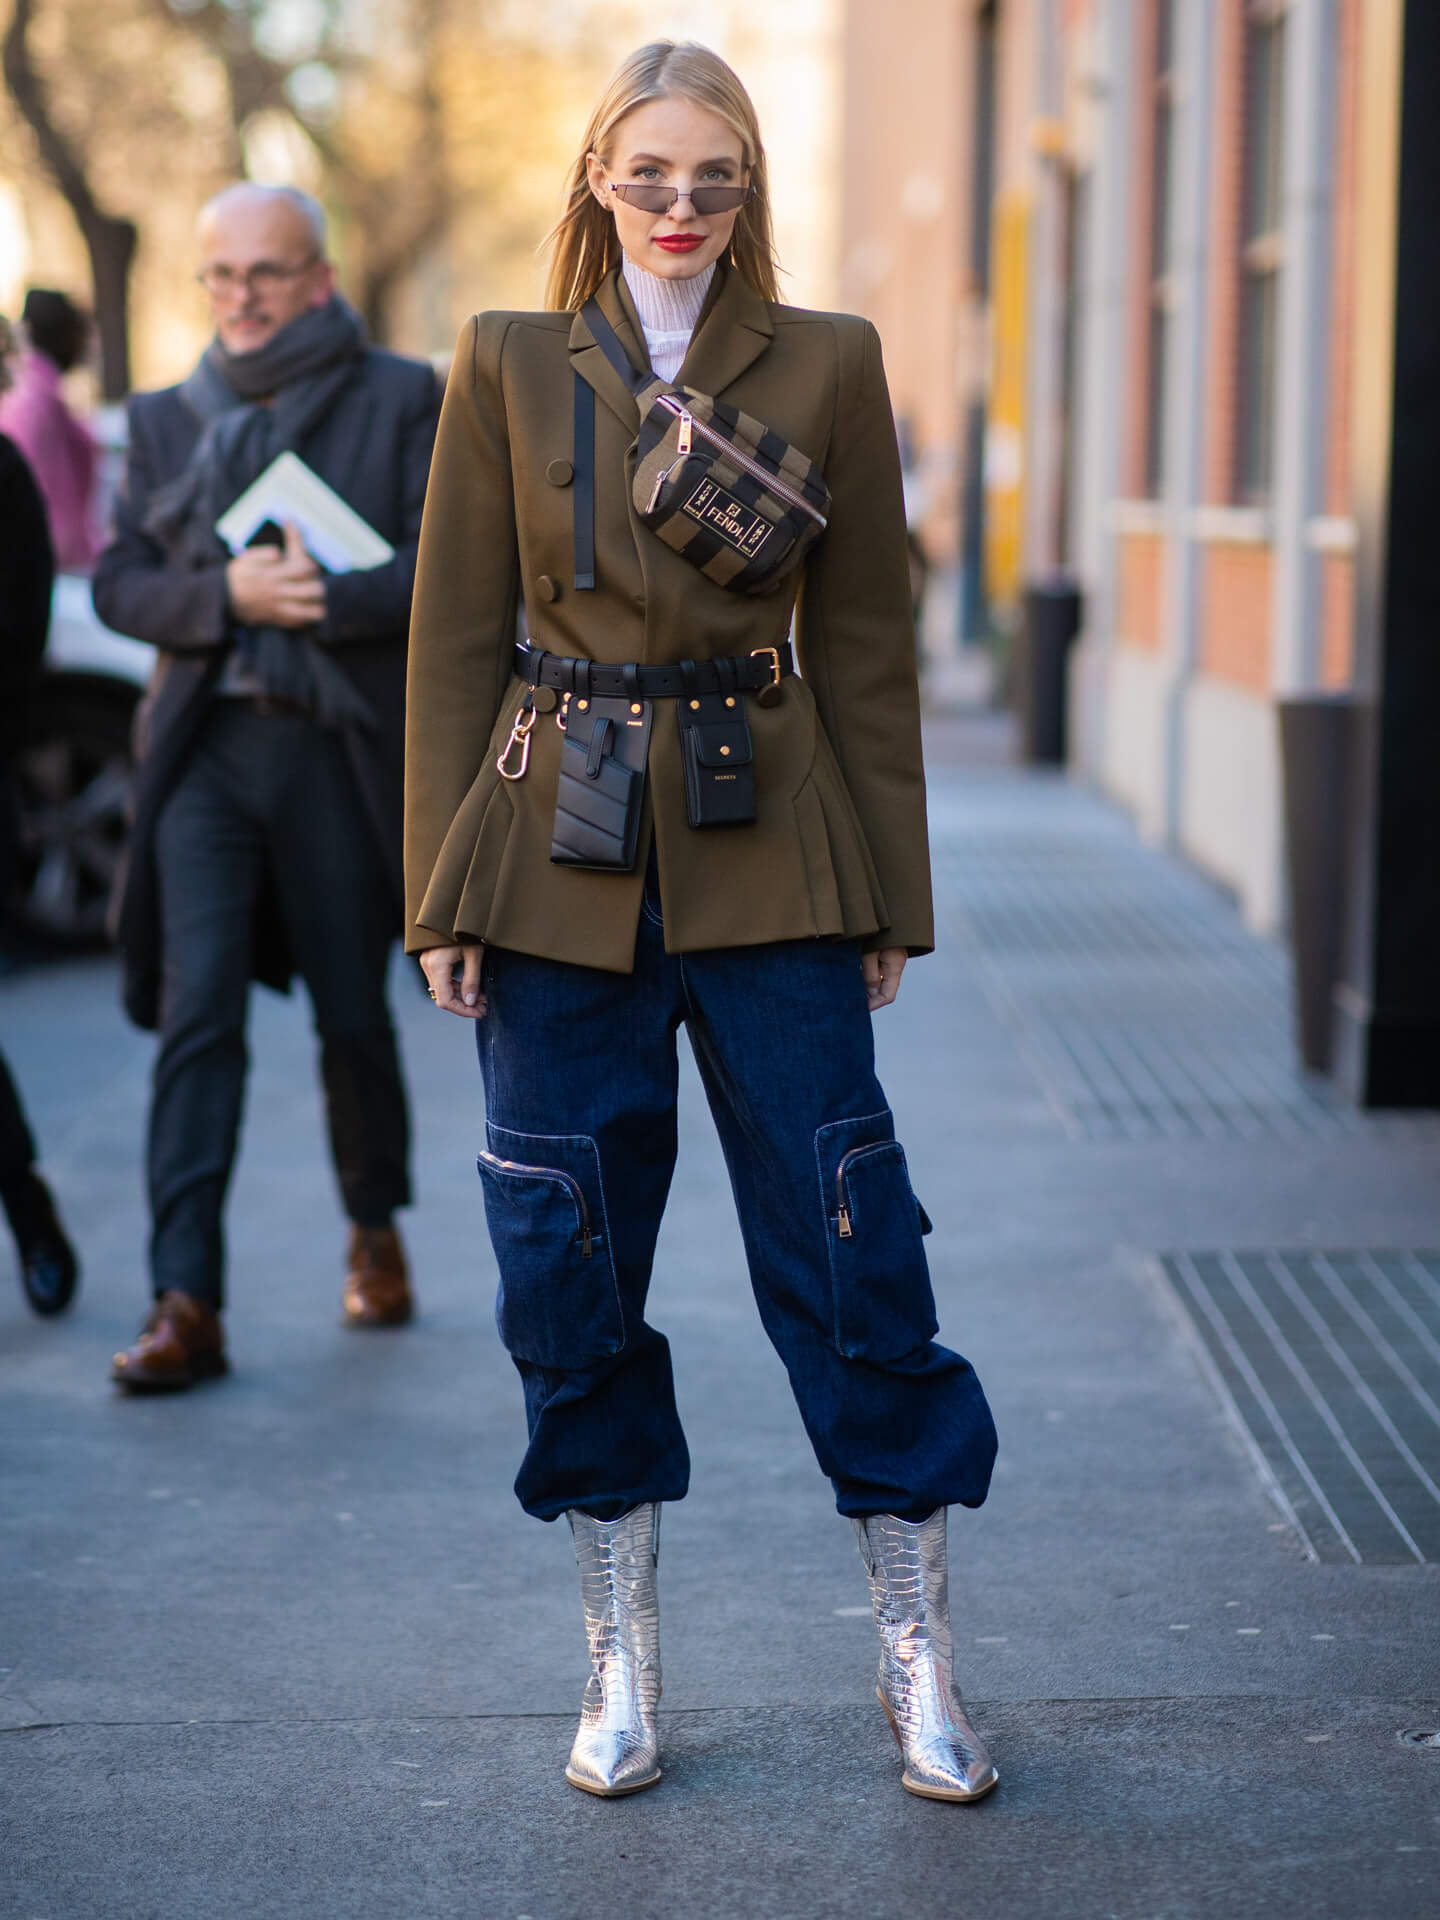 Bauchtaschen Frauen Leonie Hanne Shoe Fashion